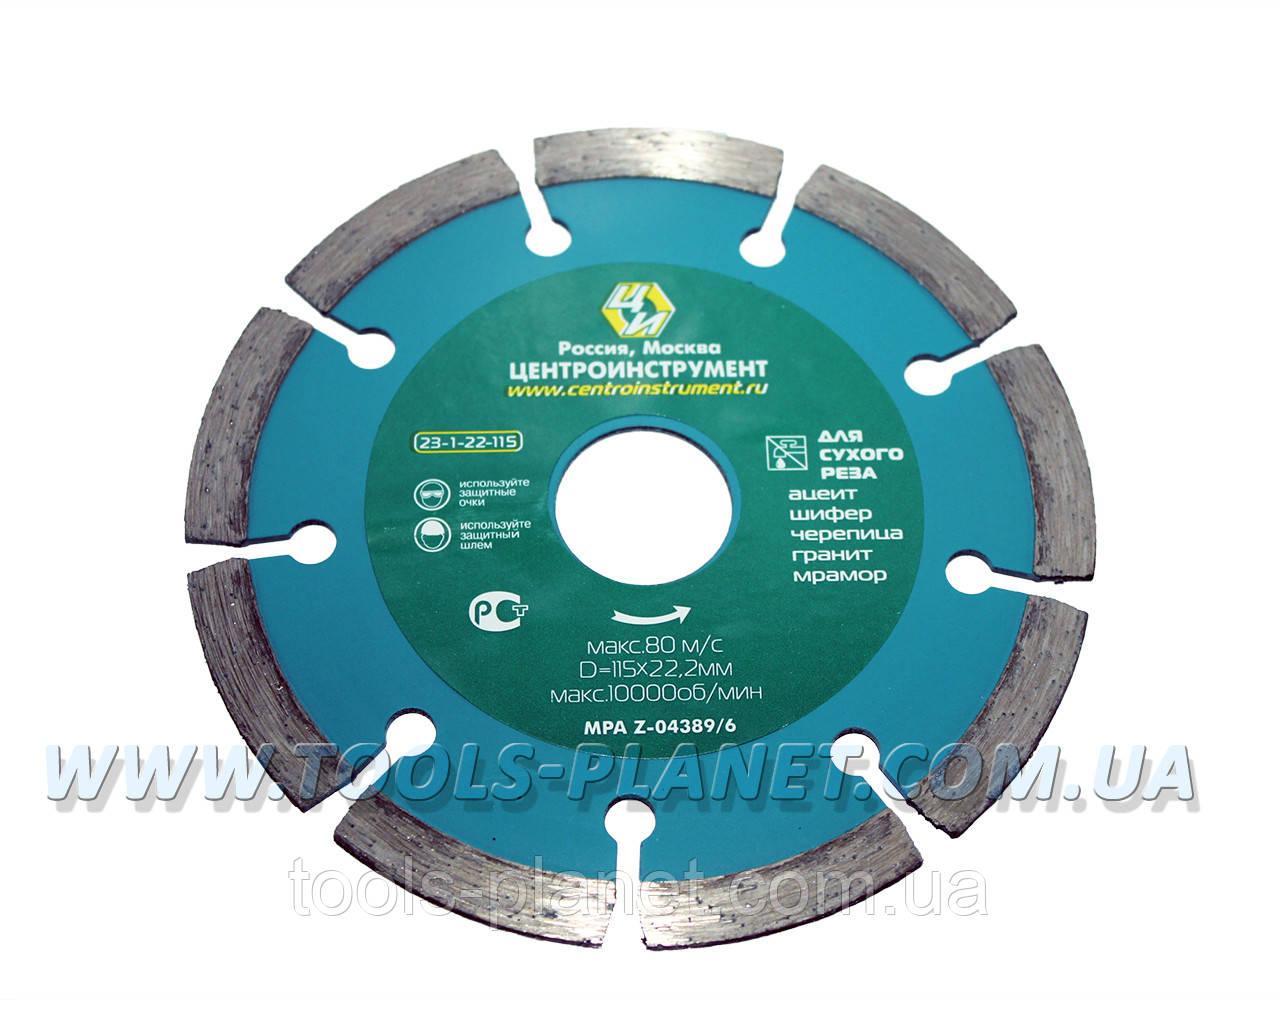 Алмазный диск Центроинструмент 115 х 7 х 22,23 Сегмент